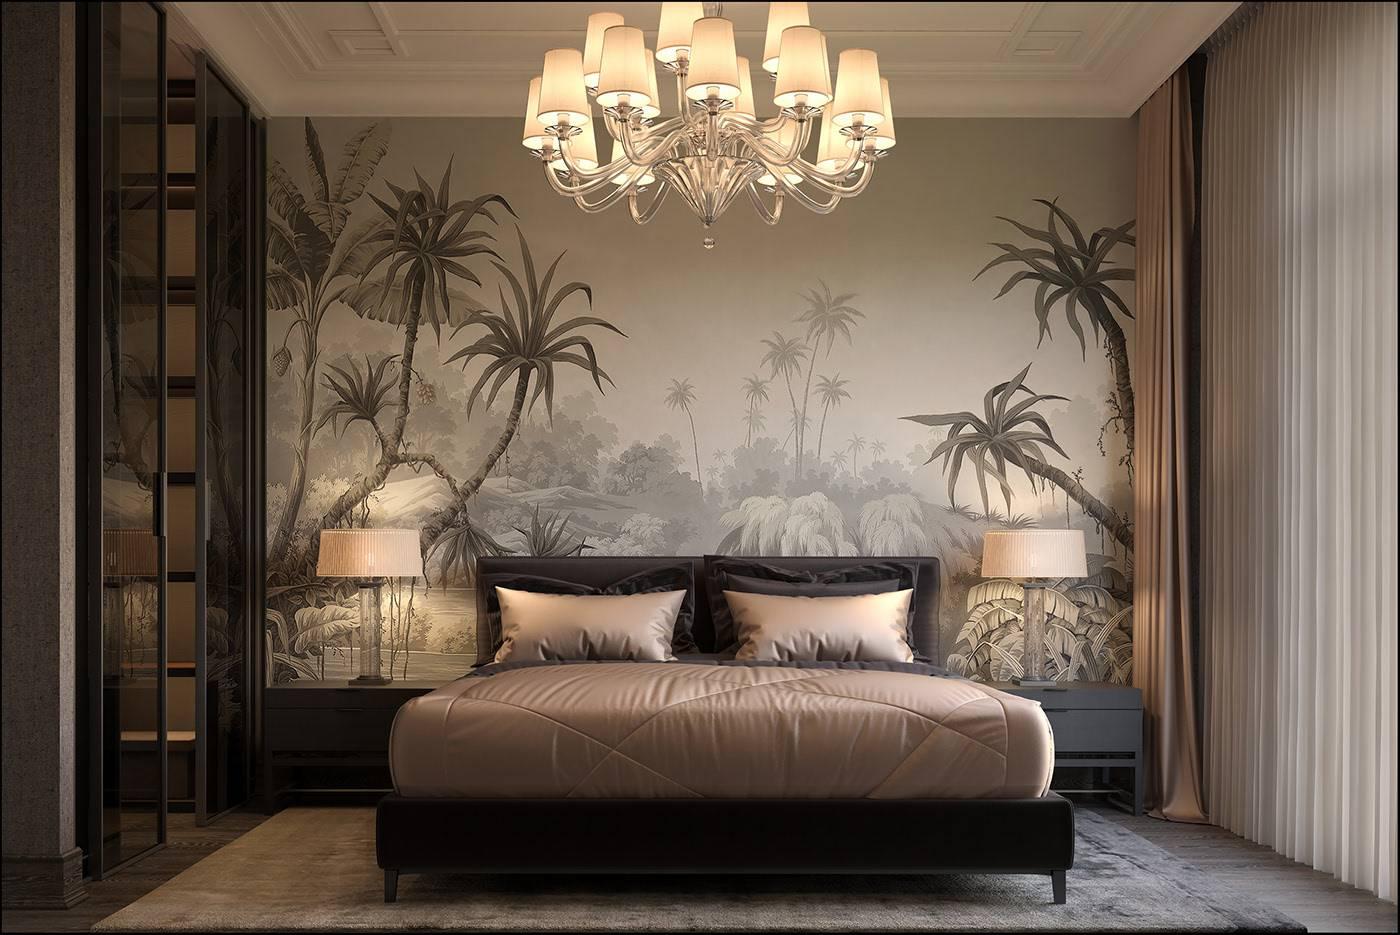 غرف النوم 2020 5 1